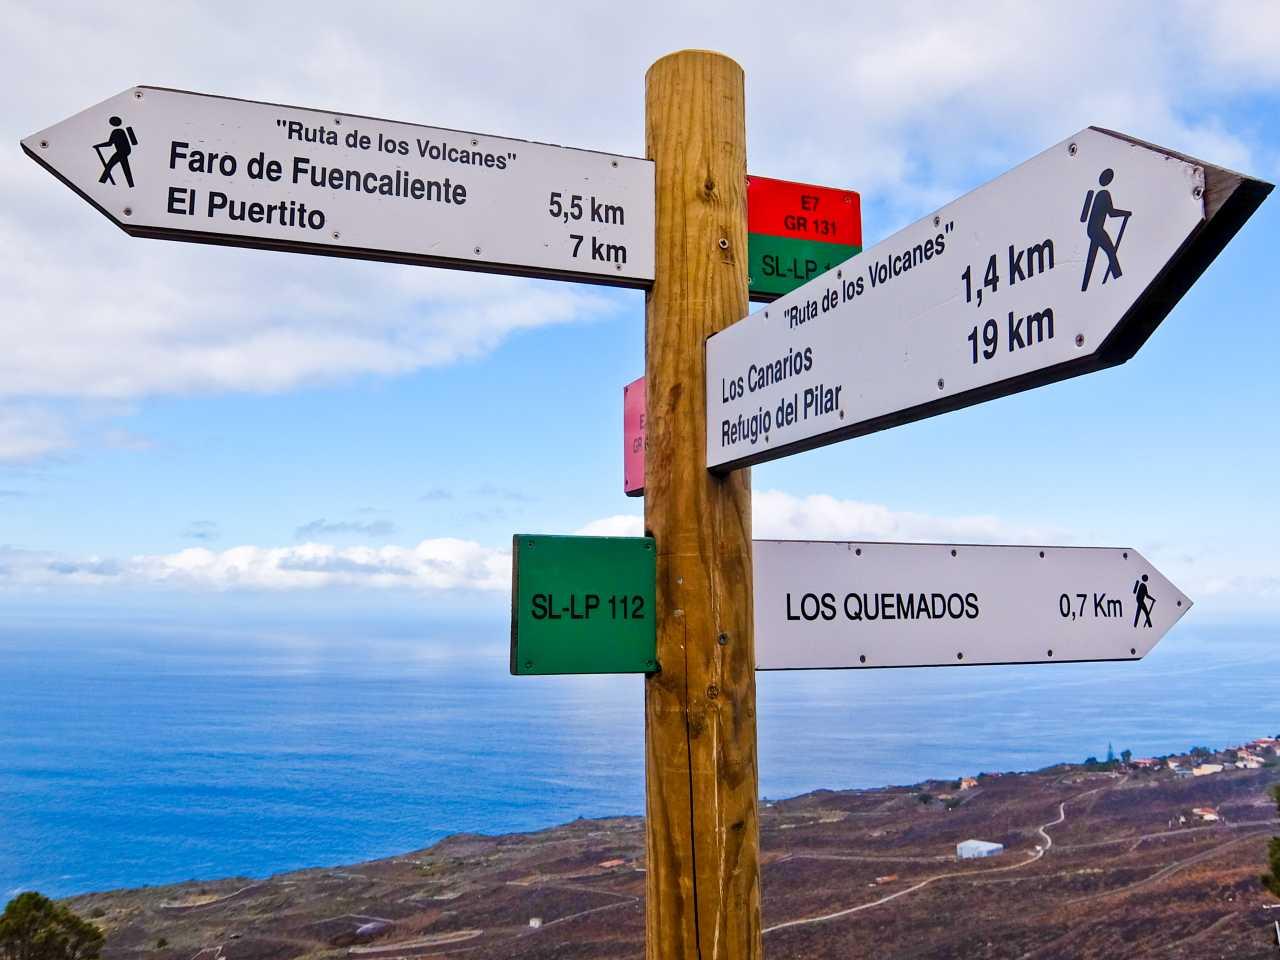 Ruta de los Volcanes Sign